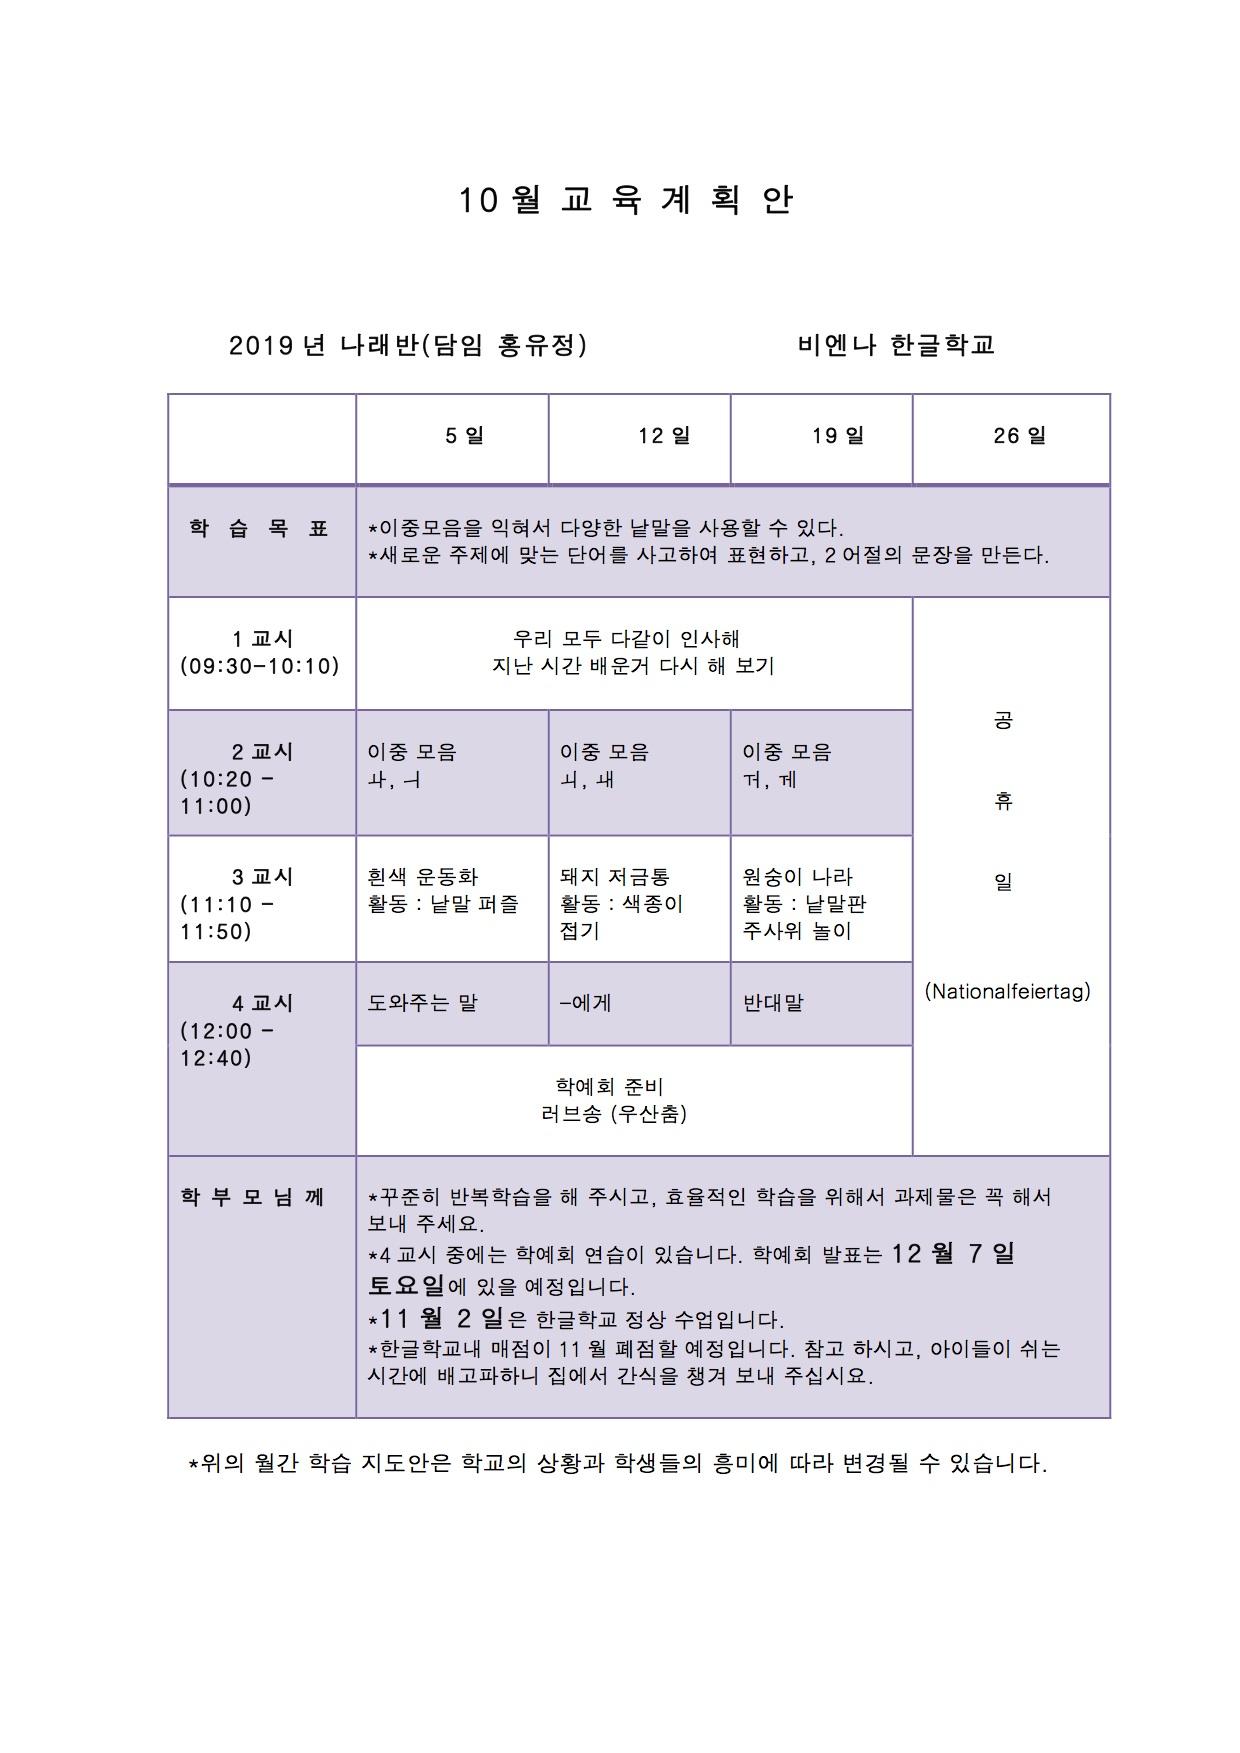 2019년 10월 교 육 계 획 안 복사본.jpg